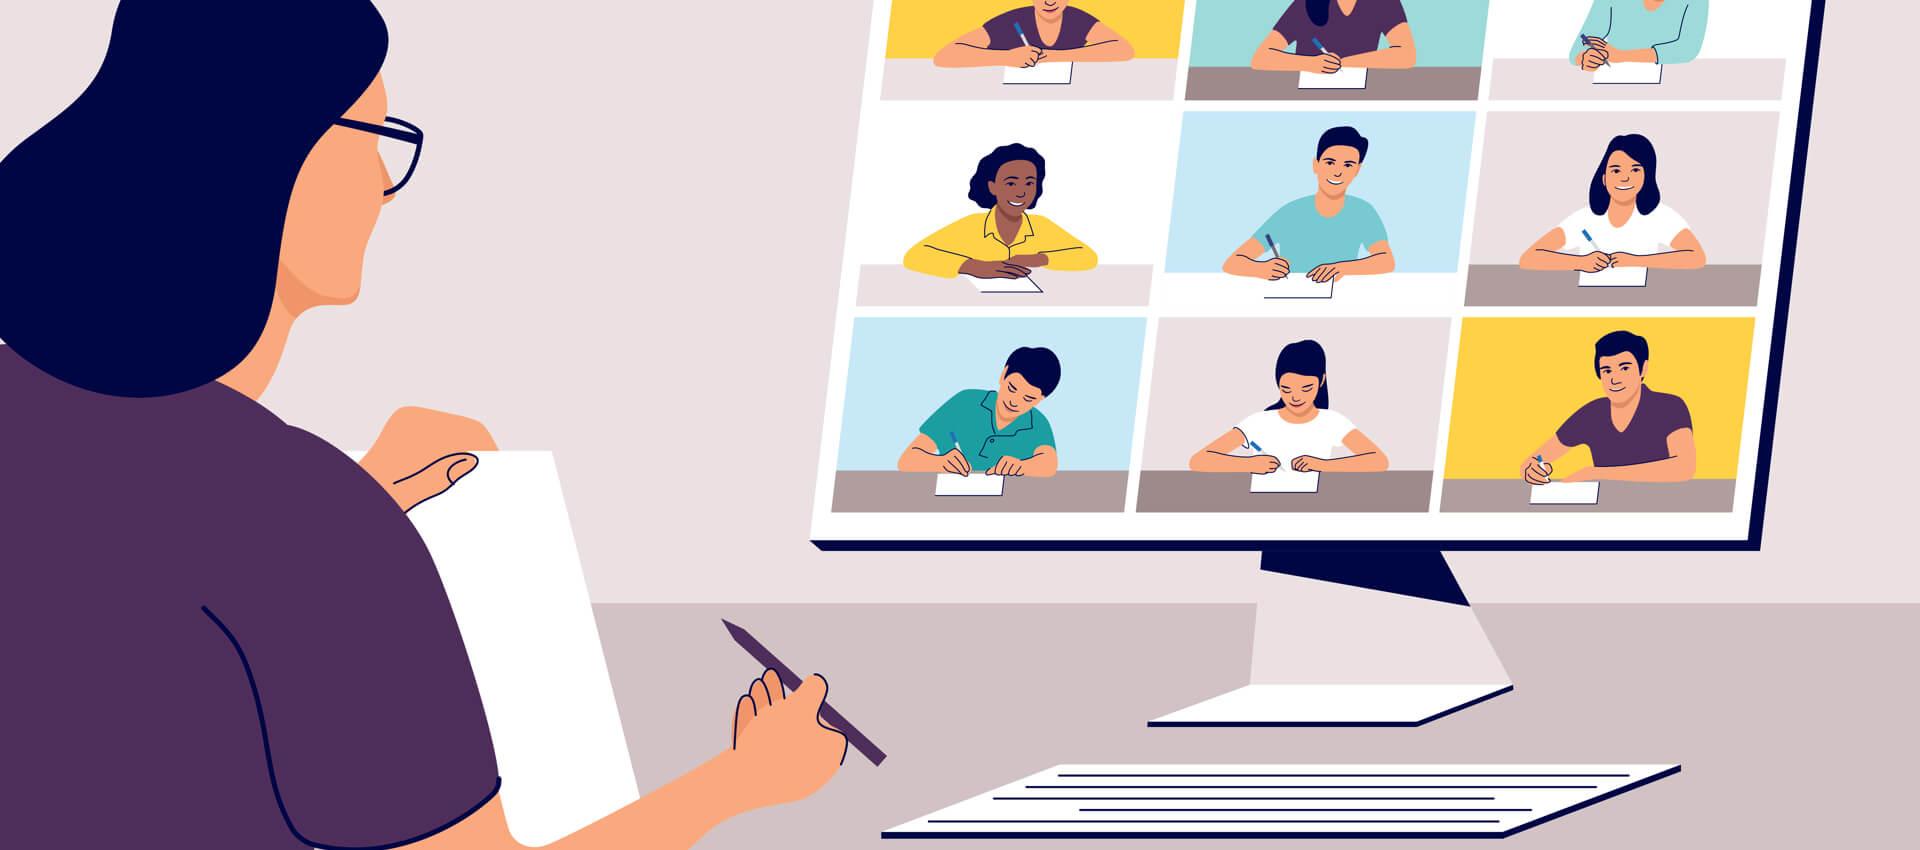 illustration of teacher teaching program virtually